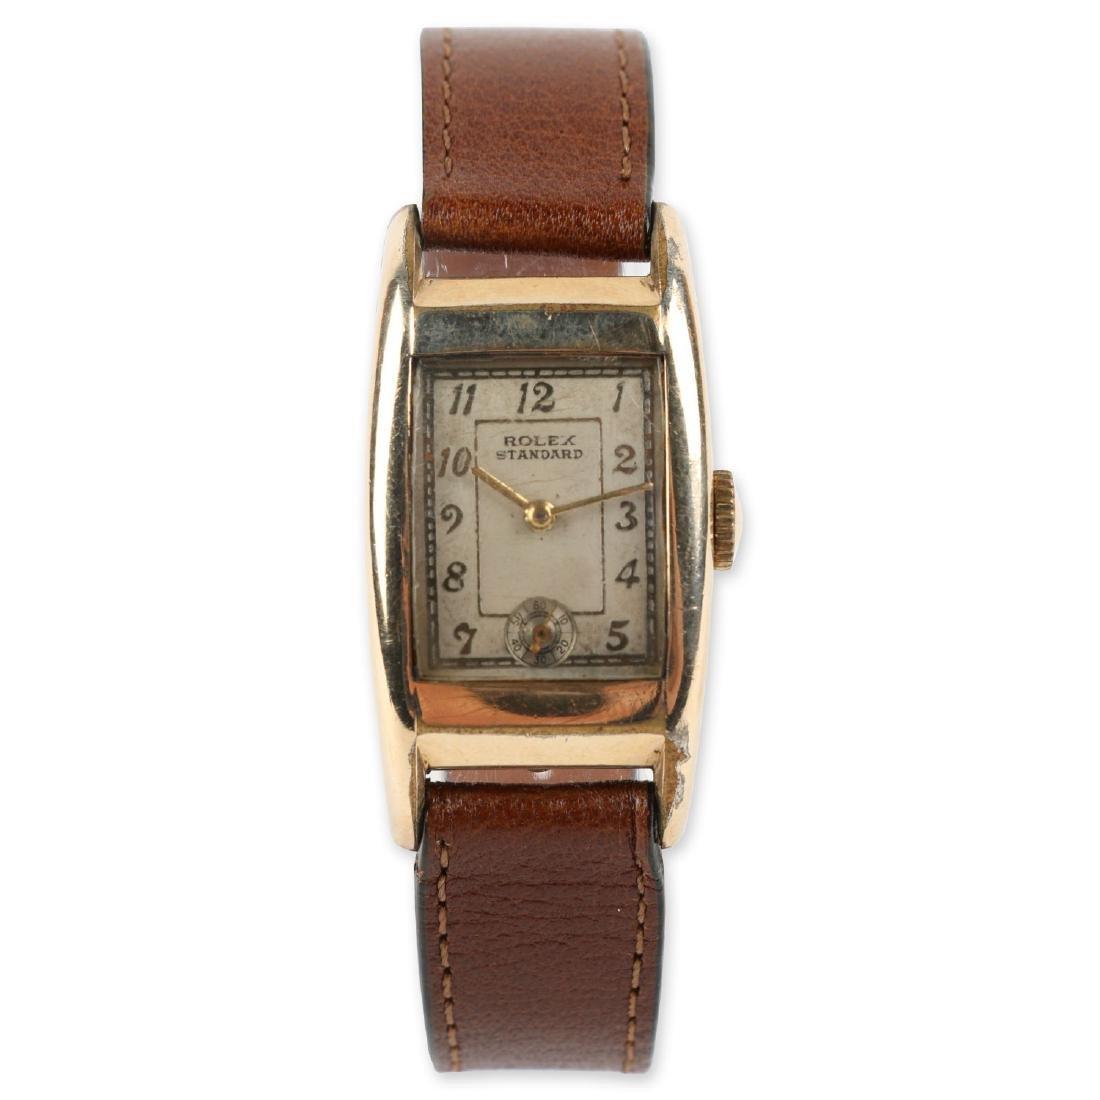 """Rolex """"Standard"""" Rectangular Dress Watch"""